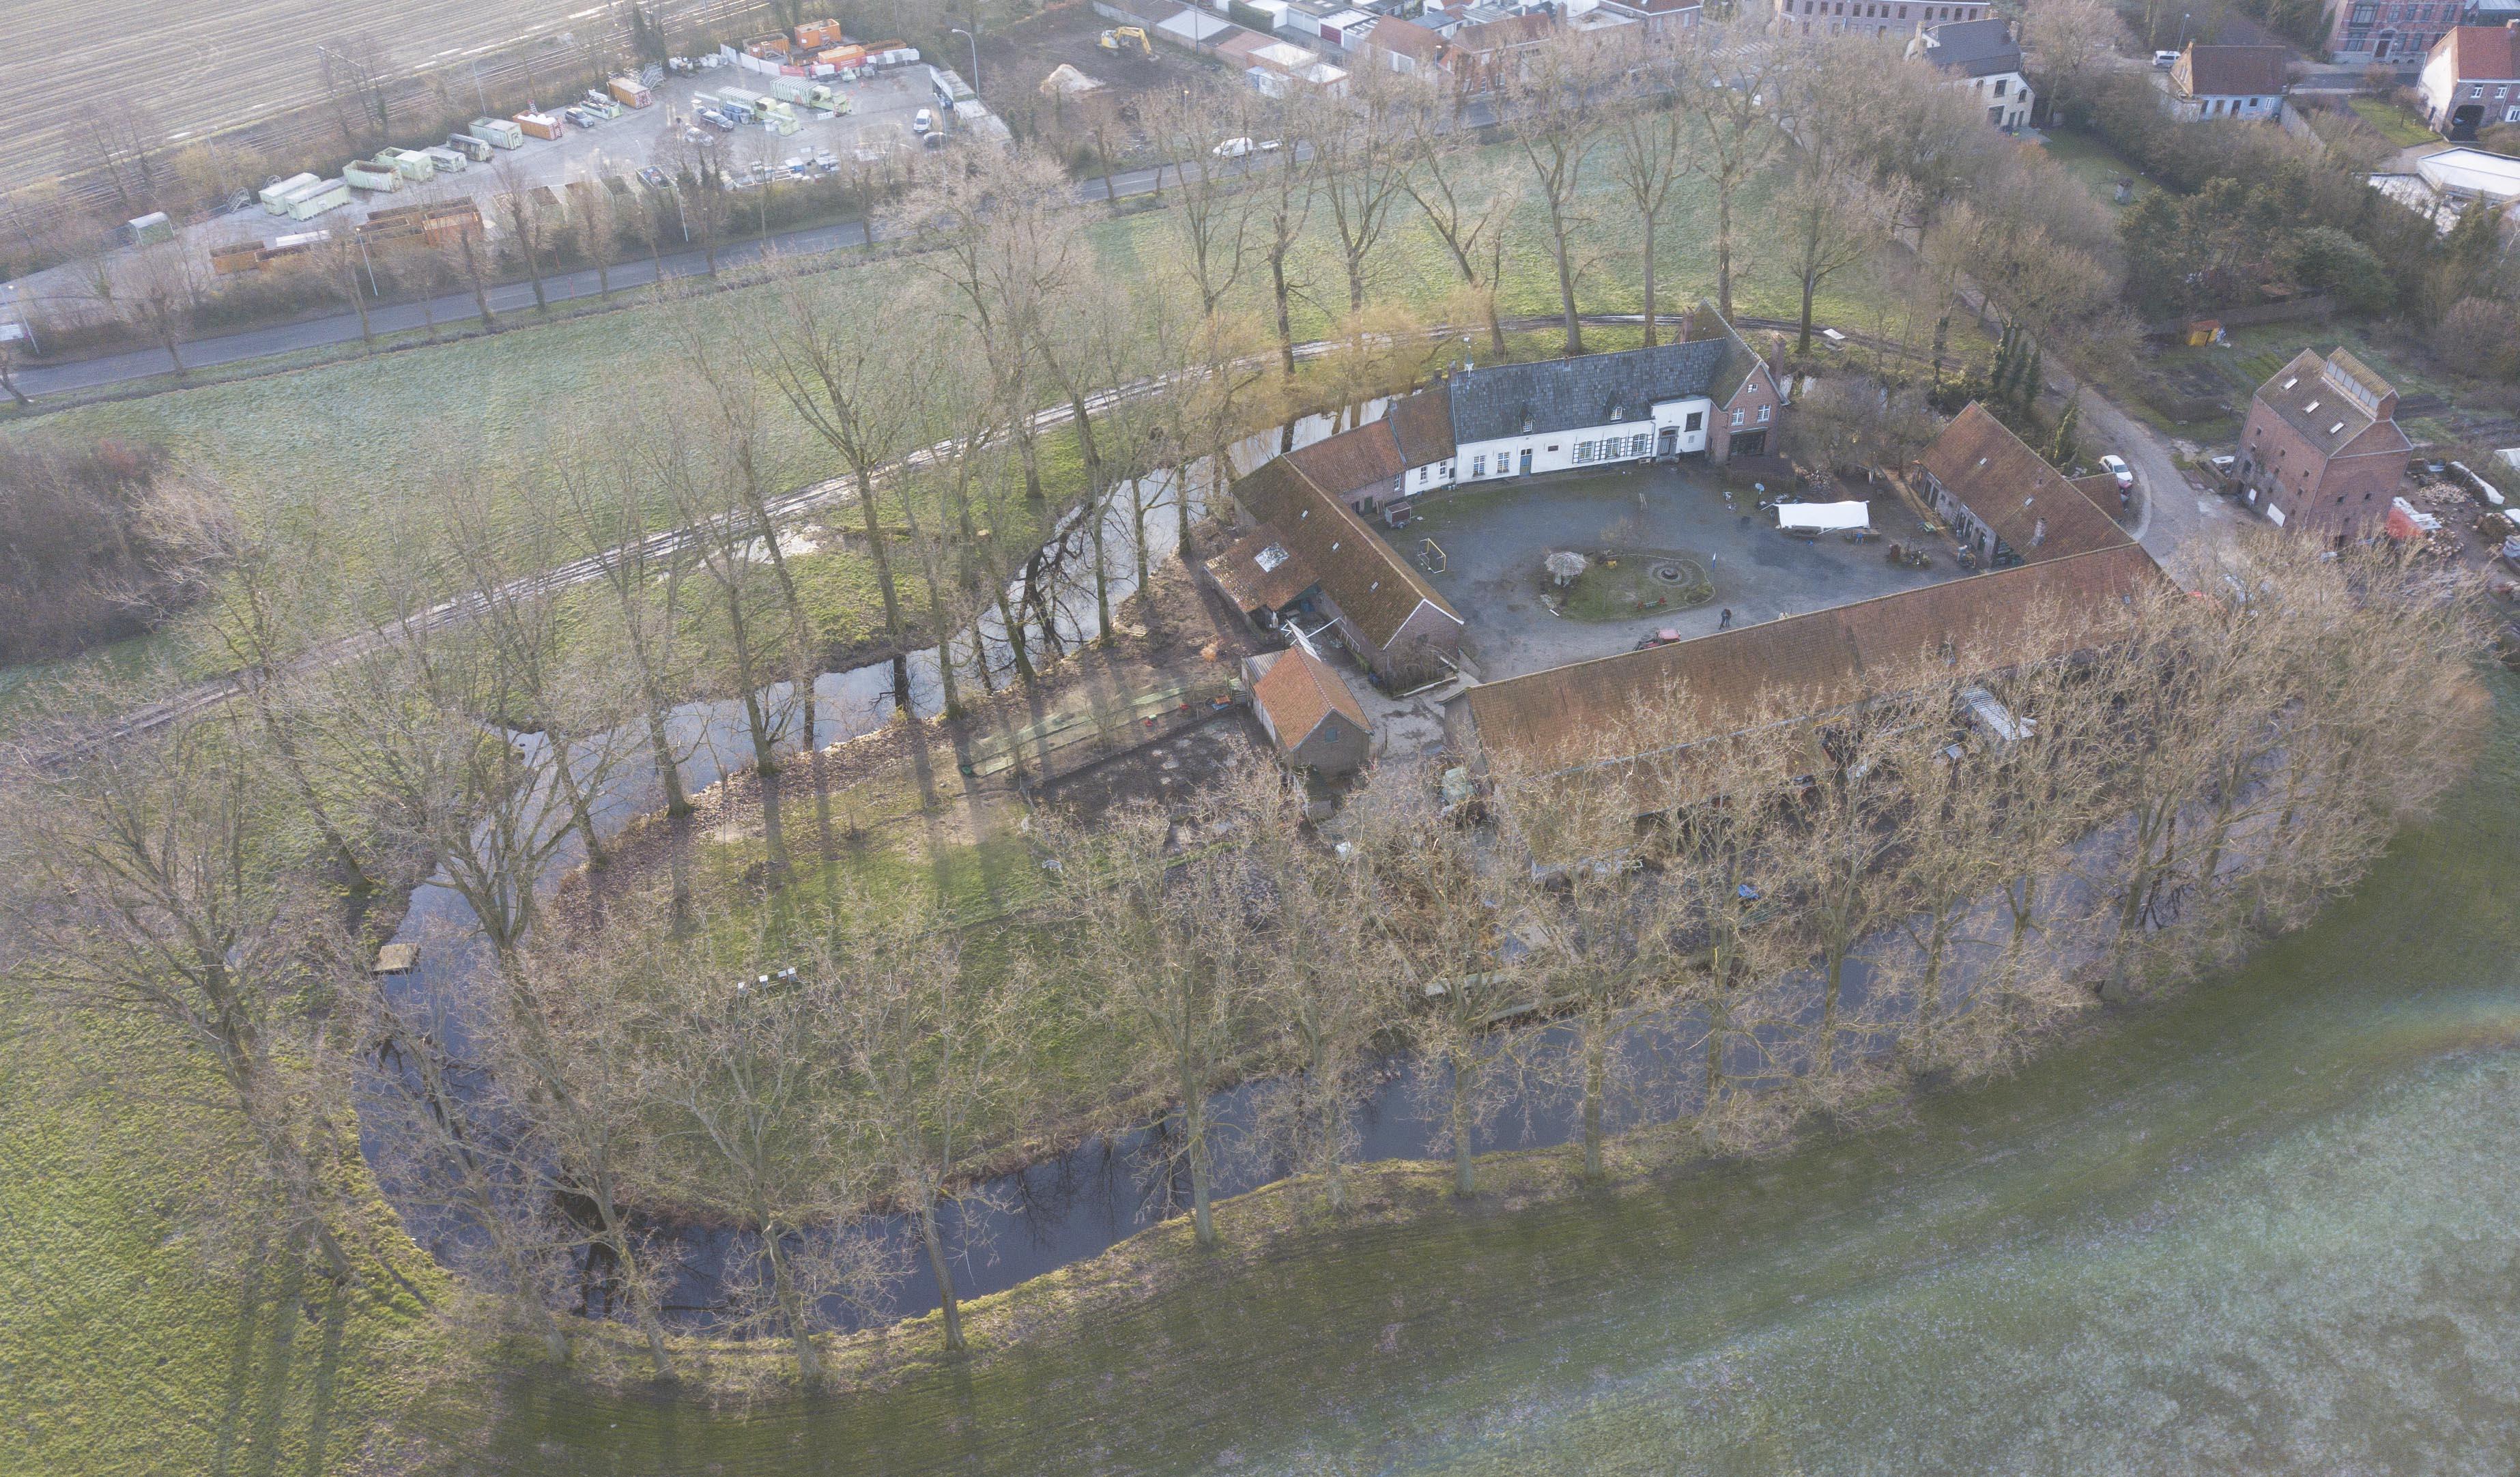 Open Monumentendag in Kortrijk focust op historische eilanden: omwalde sites, hofsteden en landhuizen. (copyright: Guillaume Demeyer voor Eiland Collective)